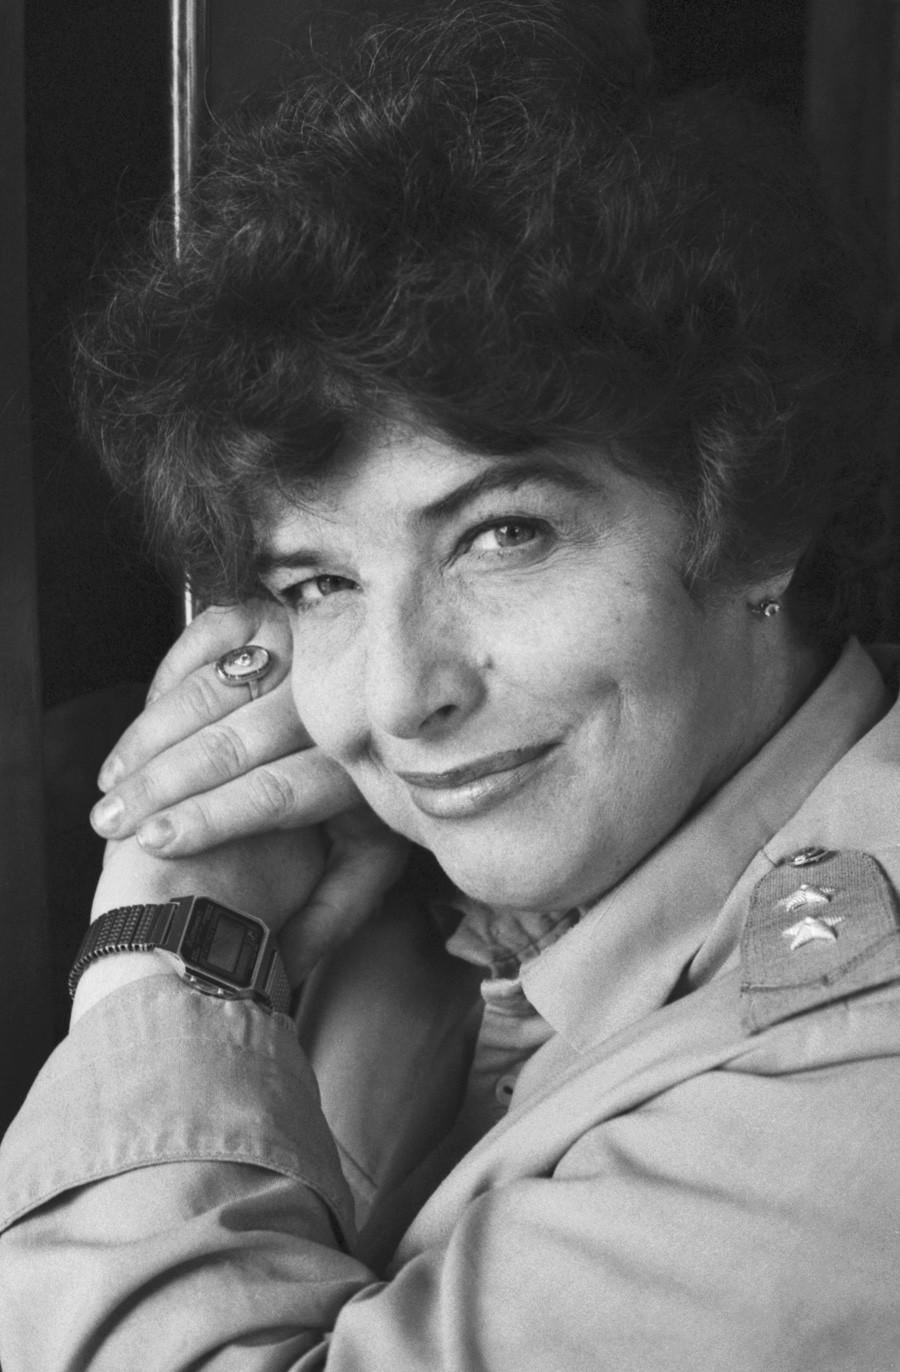 8 юни 1989 г. Машинист 1 клас Тамара Григориевна Аранчий, носител на ордена